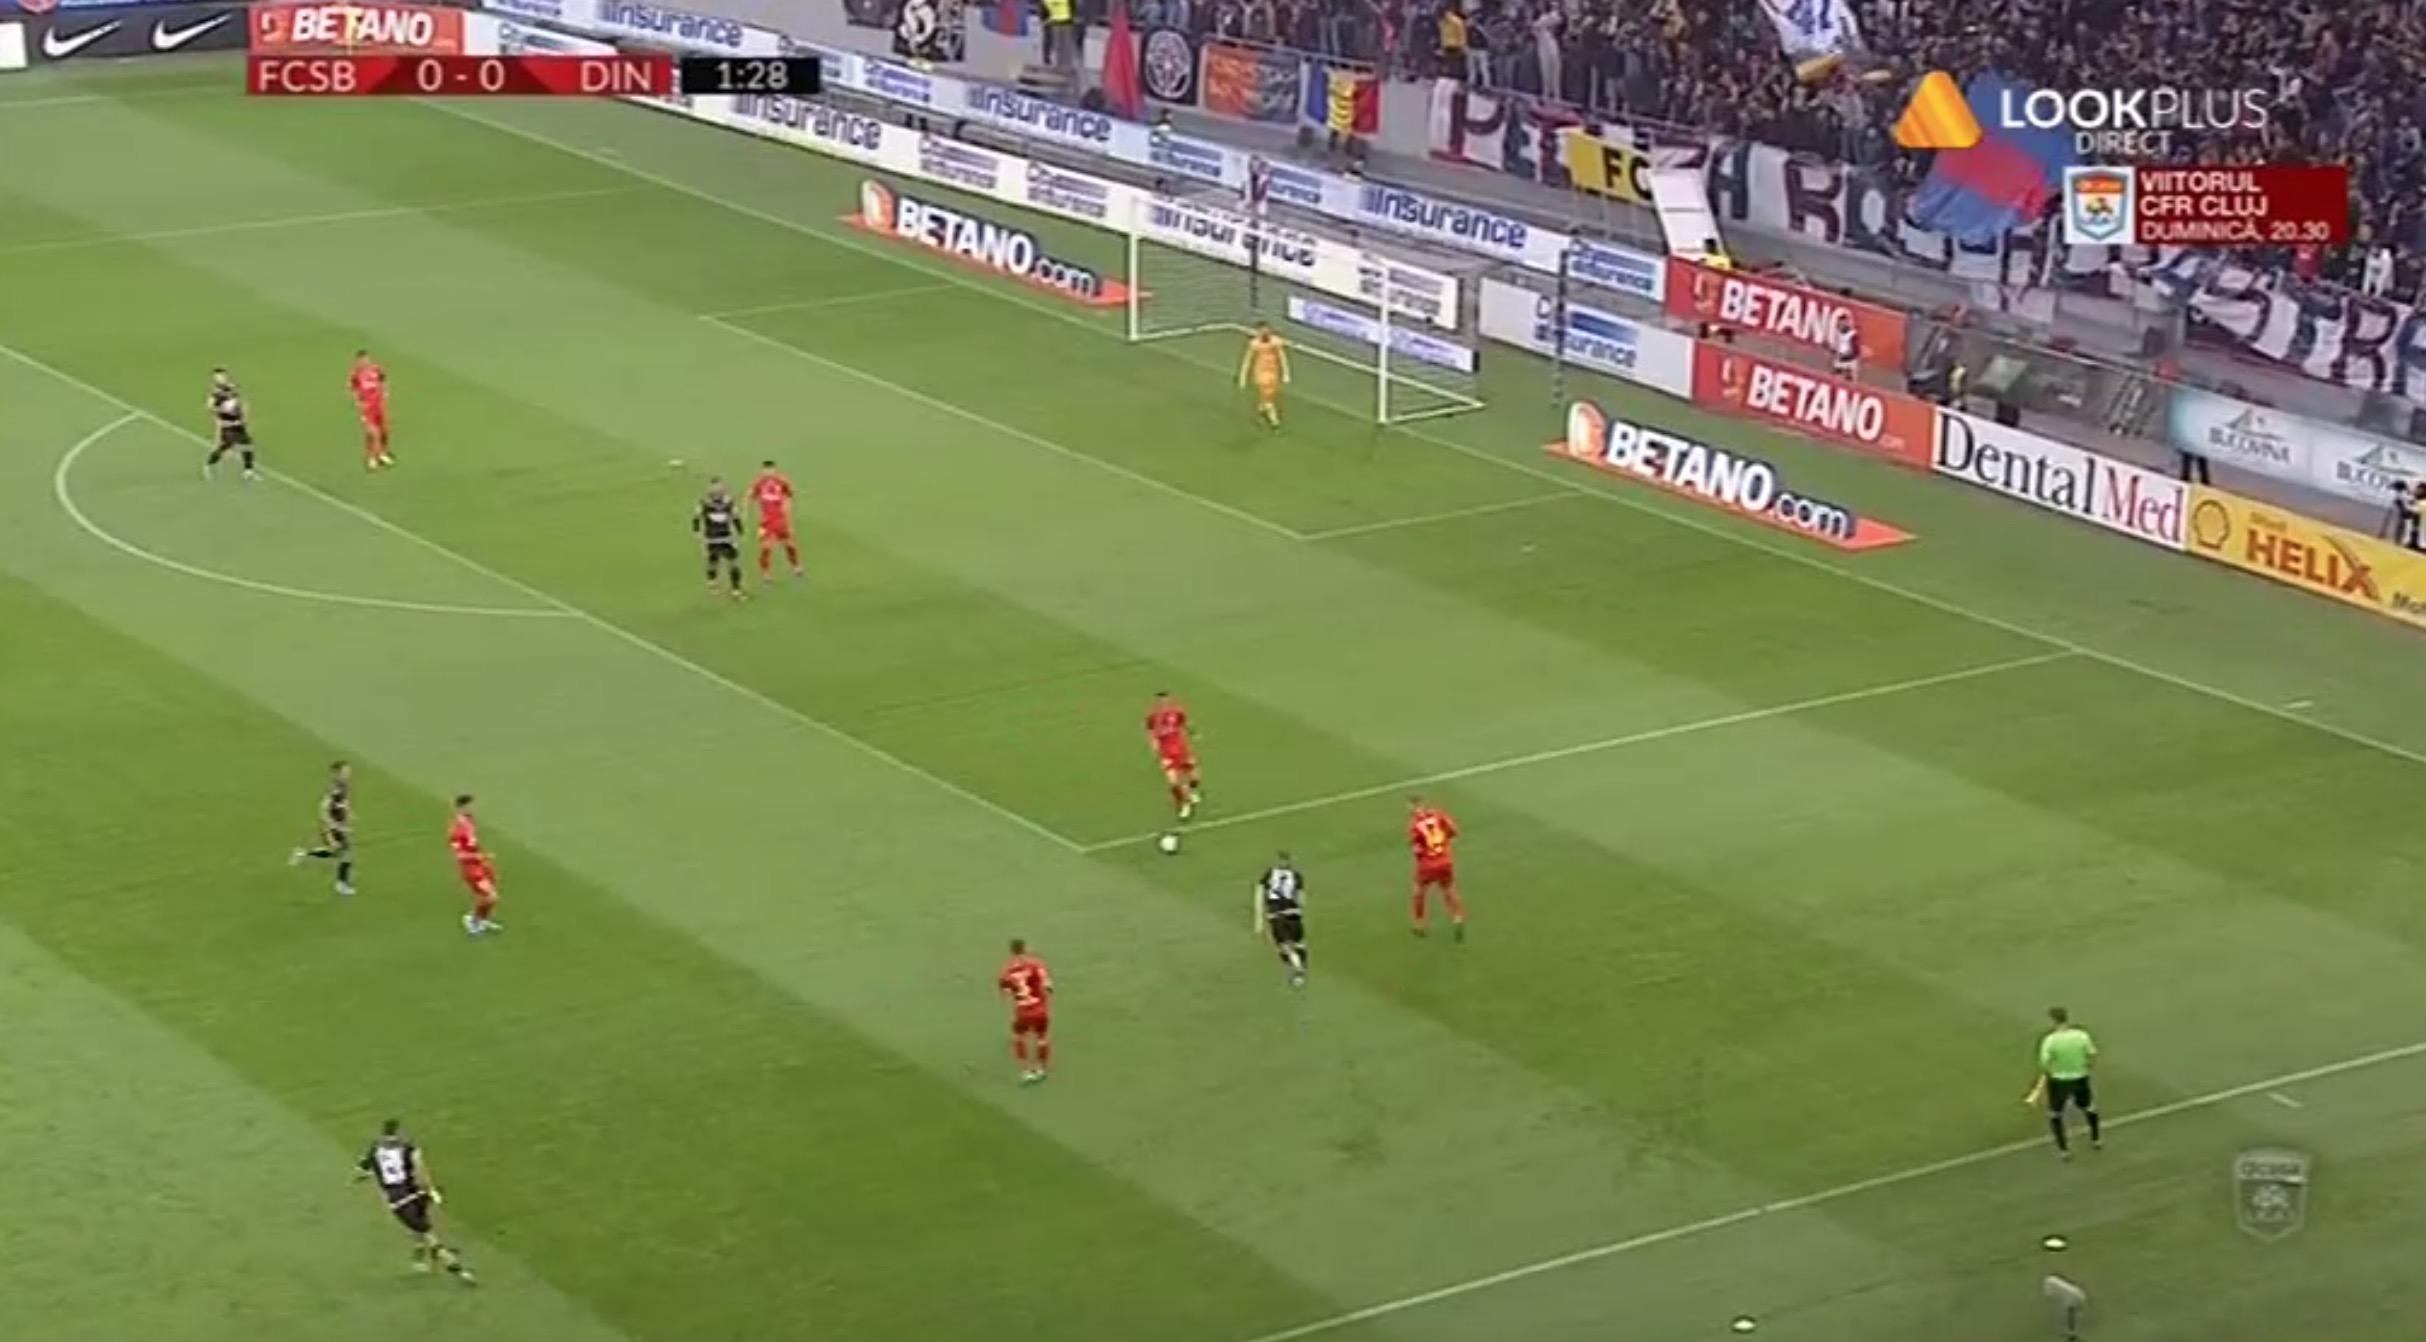 FCSB Steaua - Dinamo derby-ul anului se poate vedea online dar și pe TV